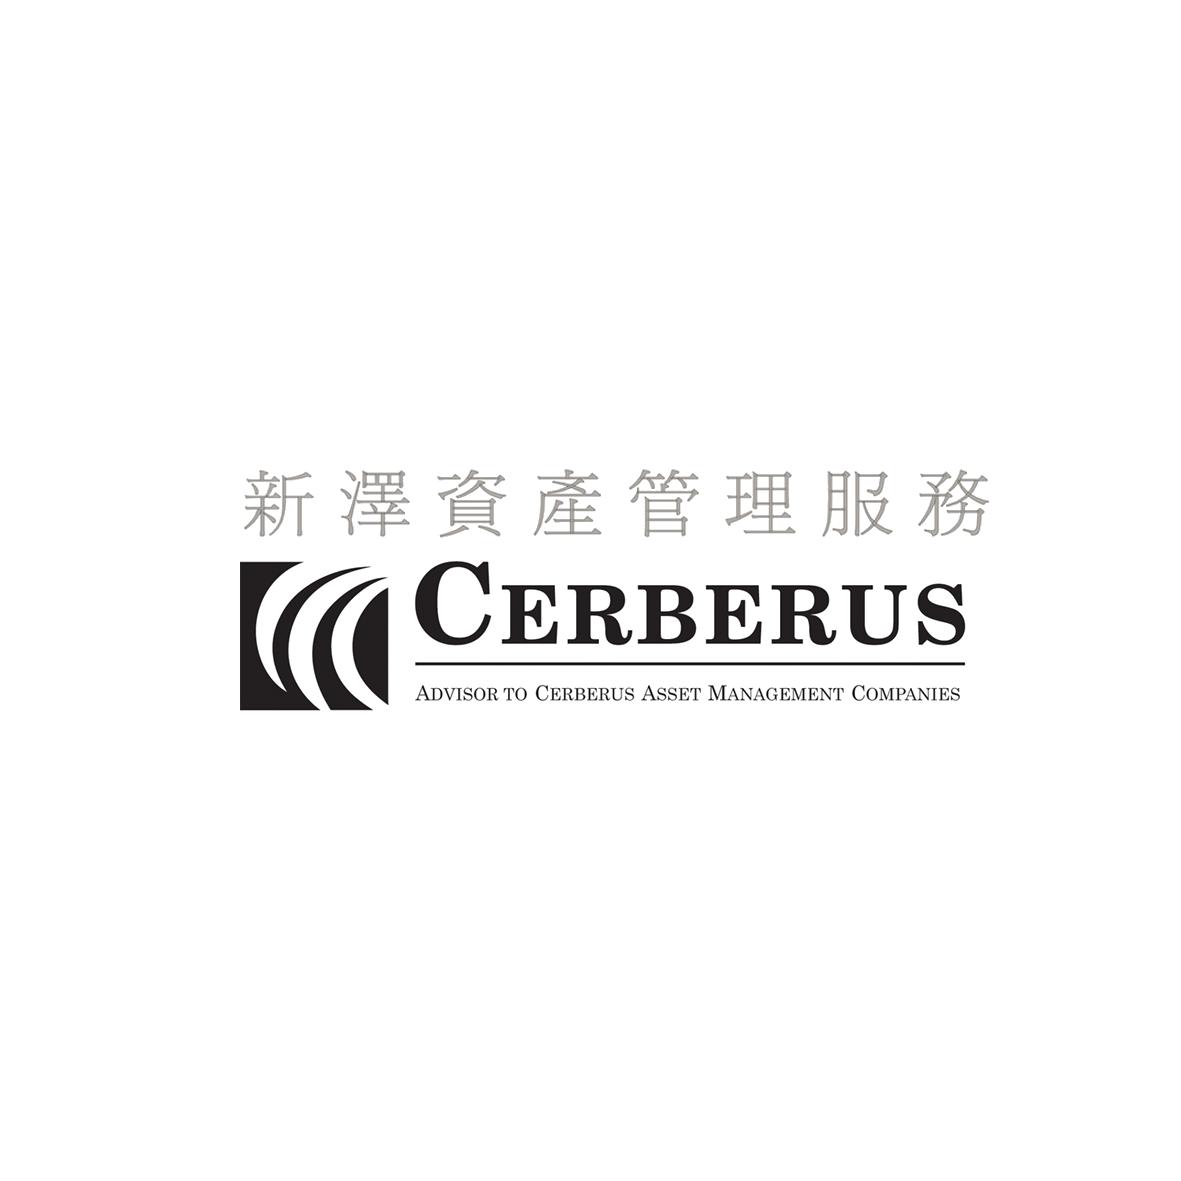 【辦公空間】2008-美商CERBERUS[新澤資產管理]博龍資產管理